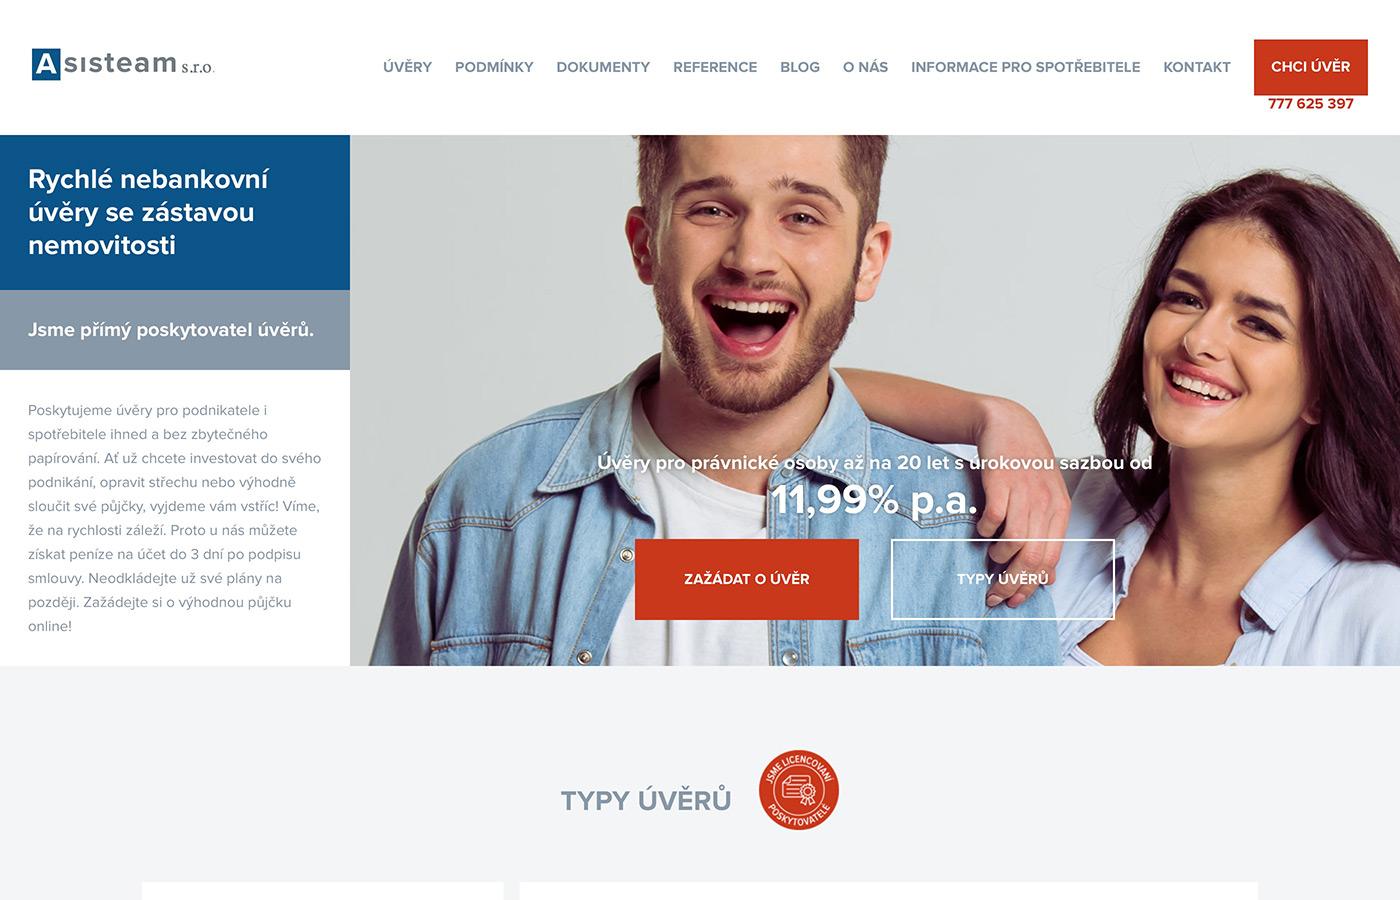 Náhled webových stránek www.asisteam.cz